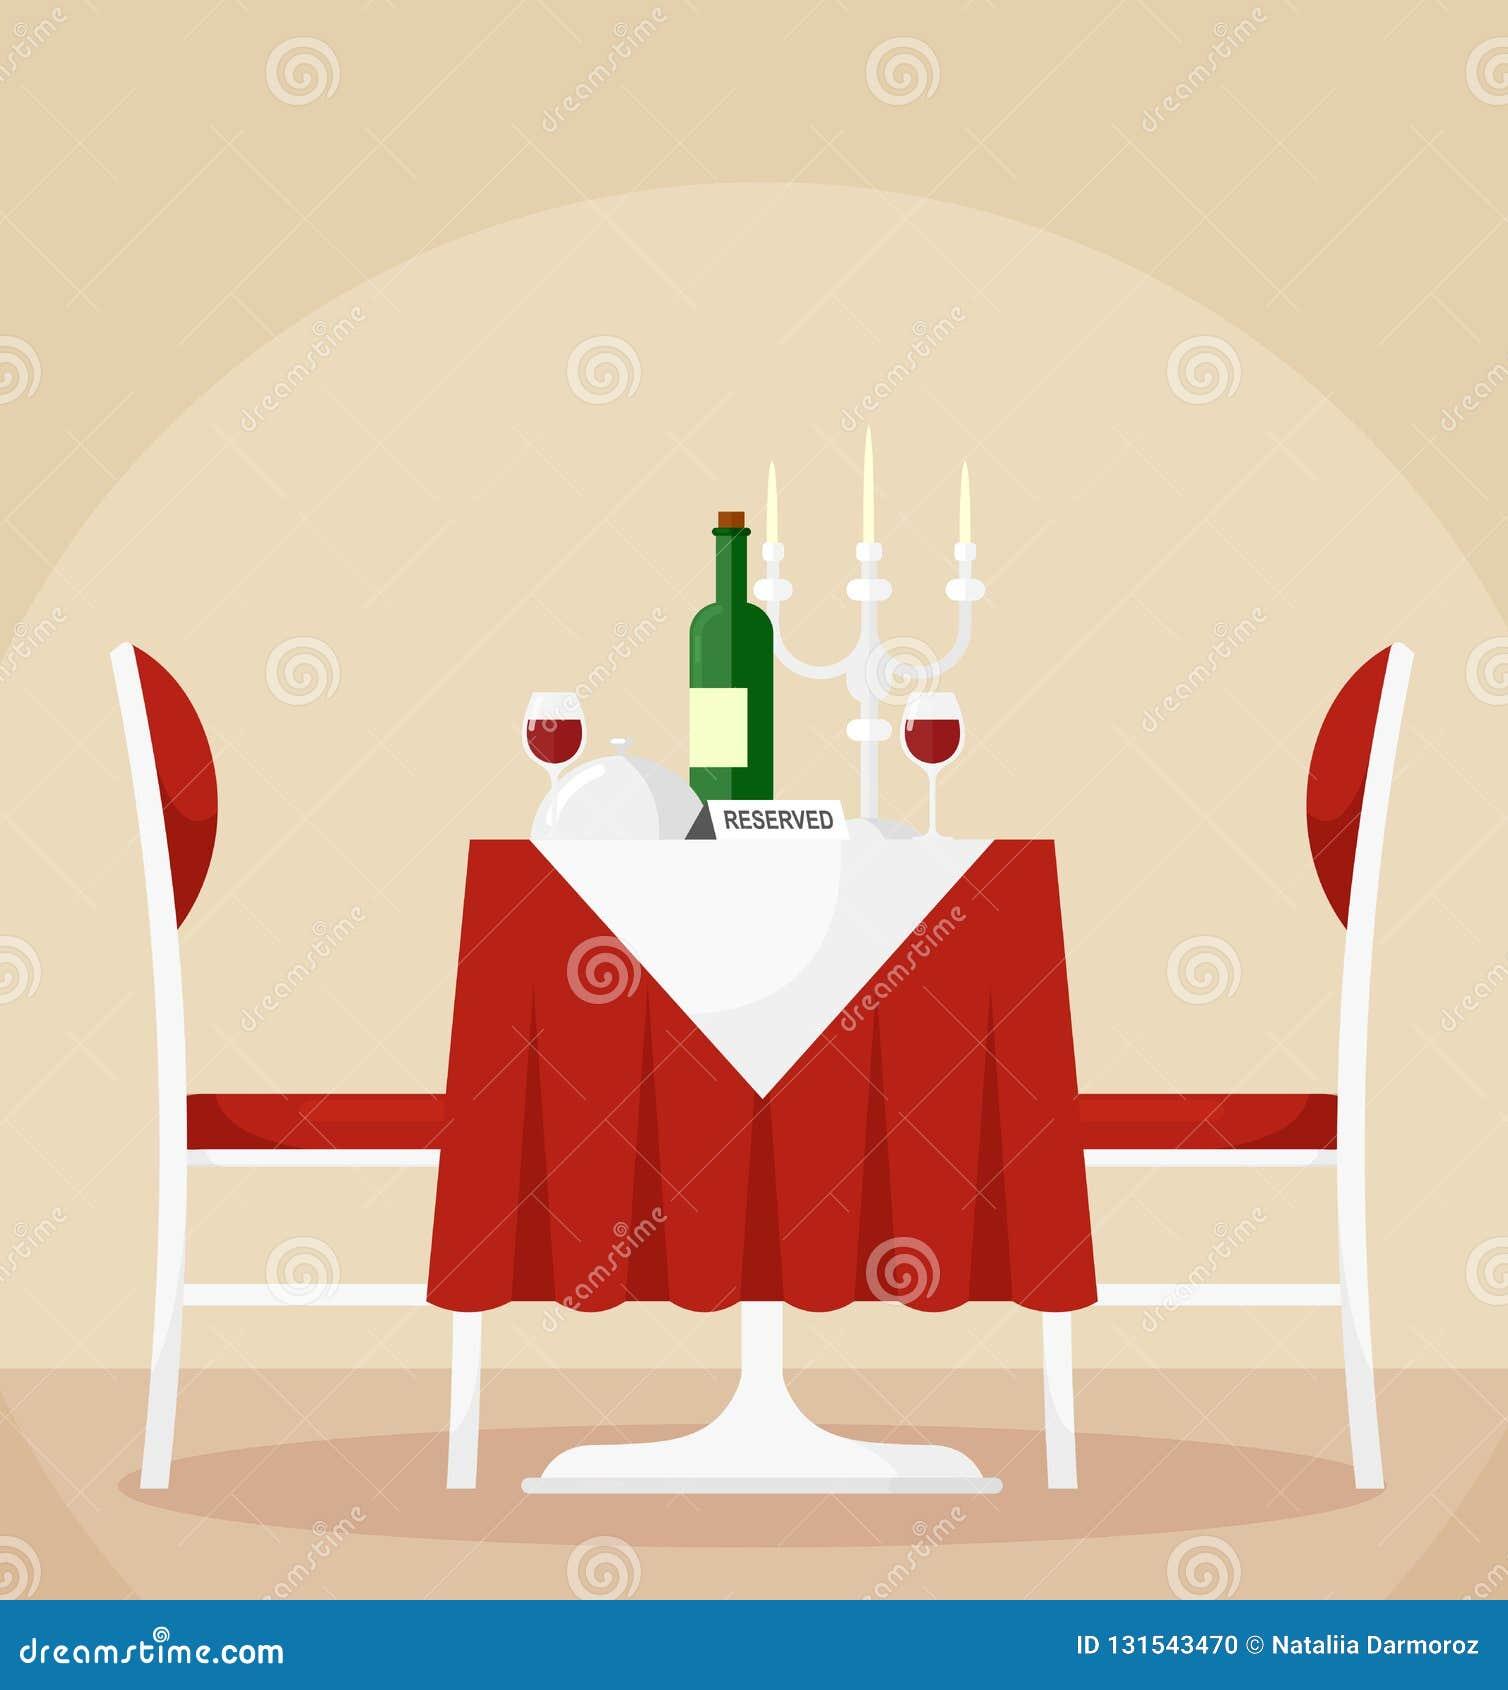 Beau Illustration De Vecteur De Table De Salle à Manger Et De Chaises Réservées Pour  Deux Personnes Avec La Bouteille De Vin, Verres, Bougies Concept Romantique  ...